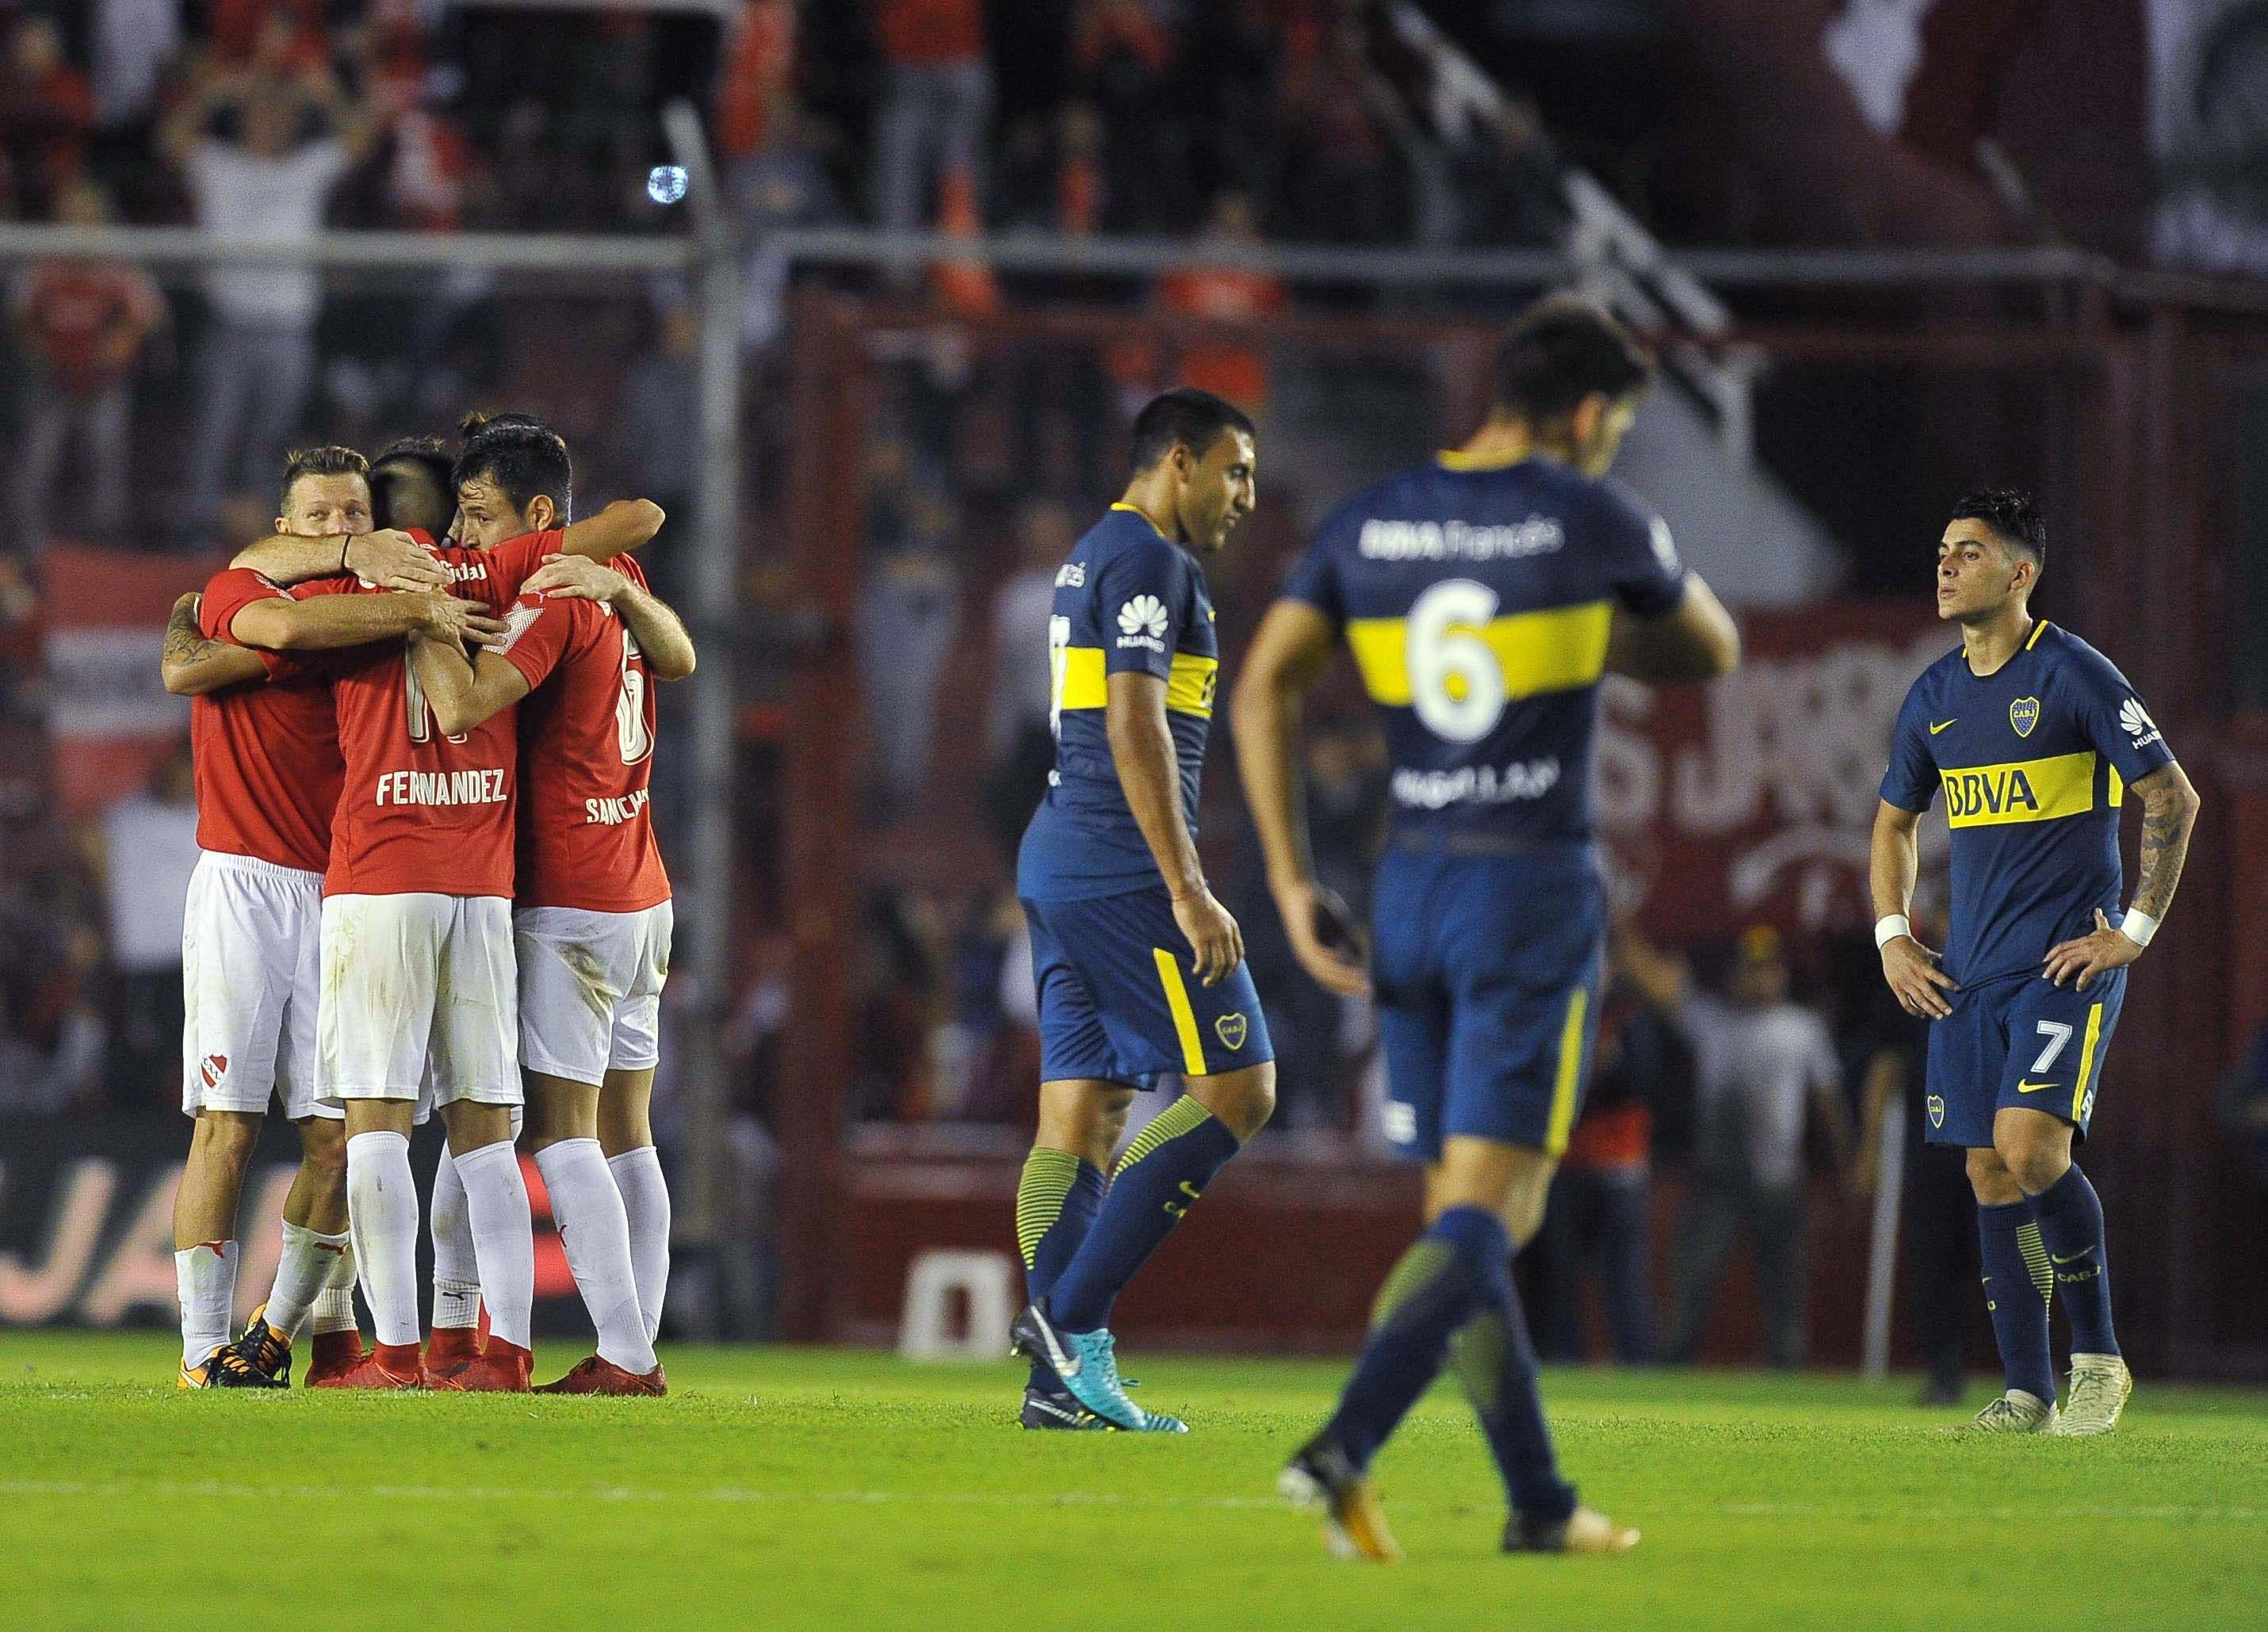 Independiente festeja y Boca sufre